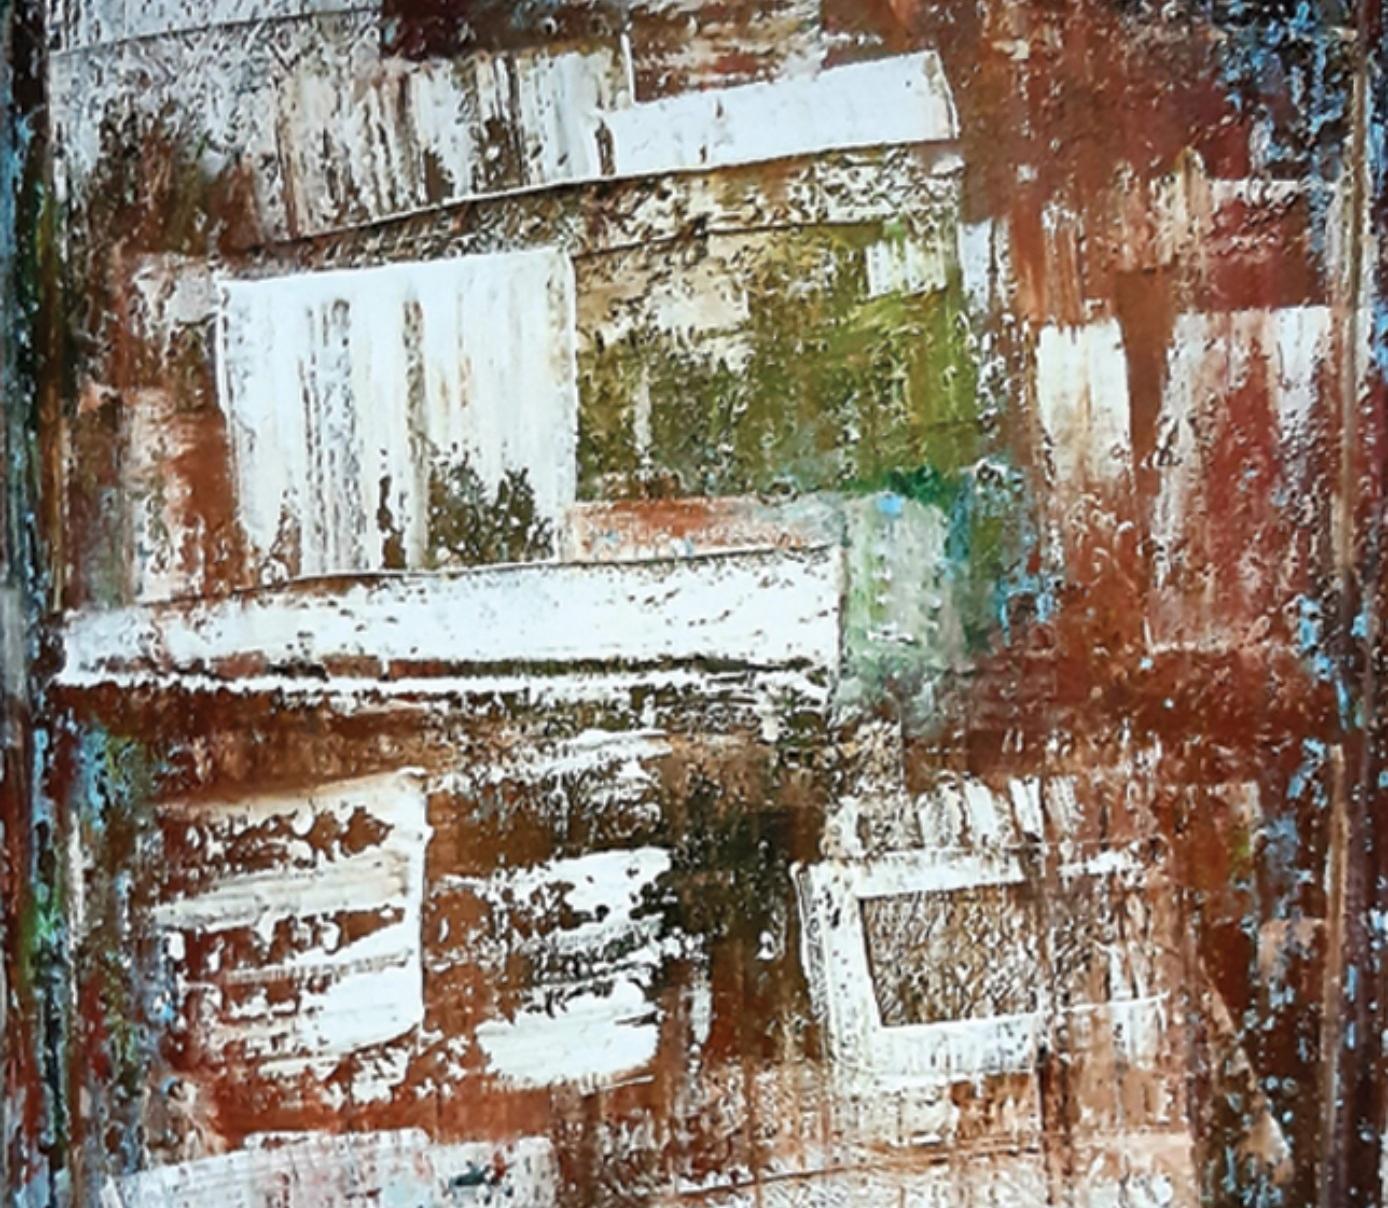 L'Angolo di Marta Lock: Ioannis Kaiserlis, l'estetica della forma astratta per svelare il mondo emoz